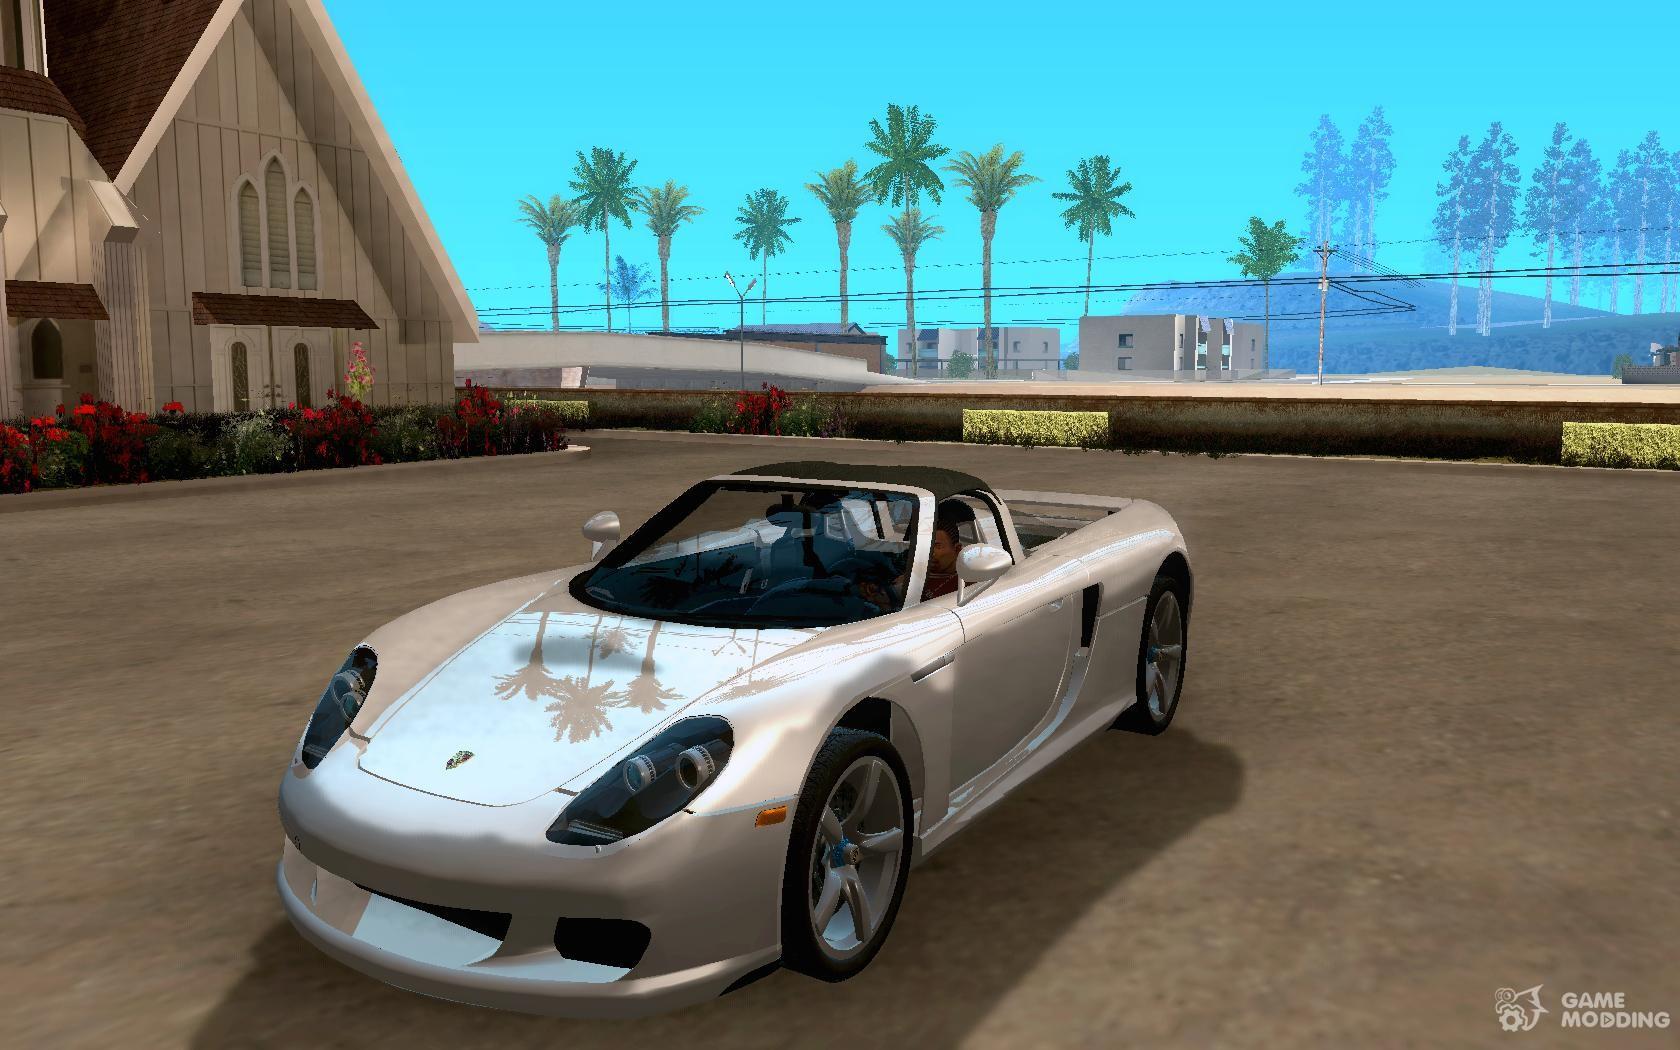 Porsche Carrera GT Custom for GTA San Andreas on porsche sport, porsche truck, porsche boxster, porsche boxter, porsche gtr3, porsche 904 gts, porsche concept, porsche mirage, porsche turbo, porsche cayenne, porsche cayman, porsche gt3rs, porsche macan, porsche gt 2, porsche ruf ctr, porsche gt3,